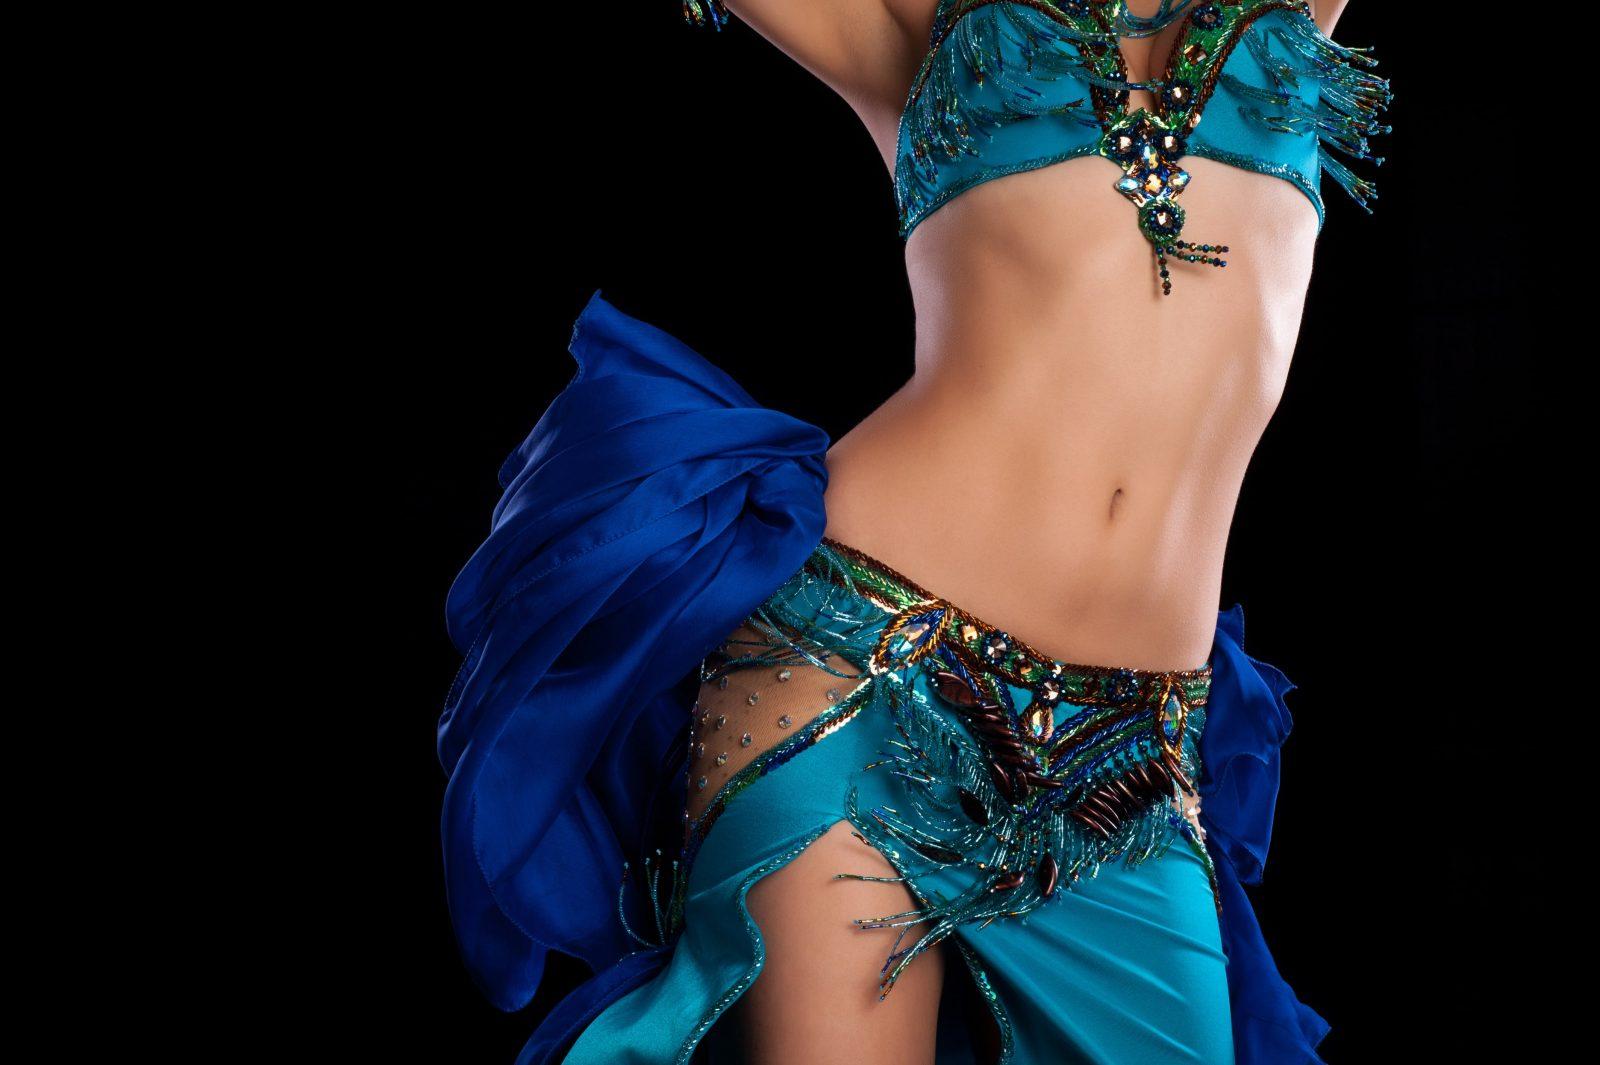 Девушка танцует восточный танец живота в наряде